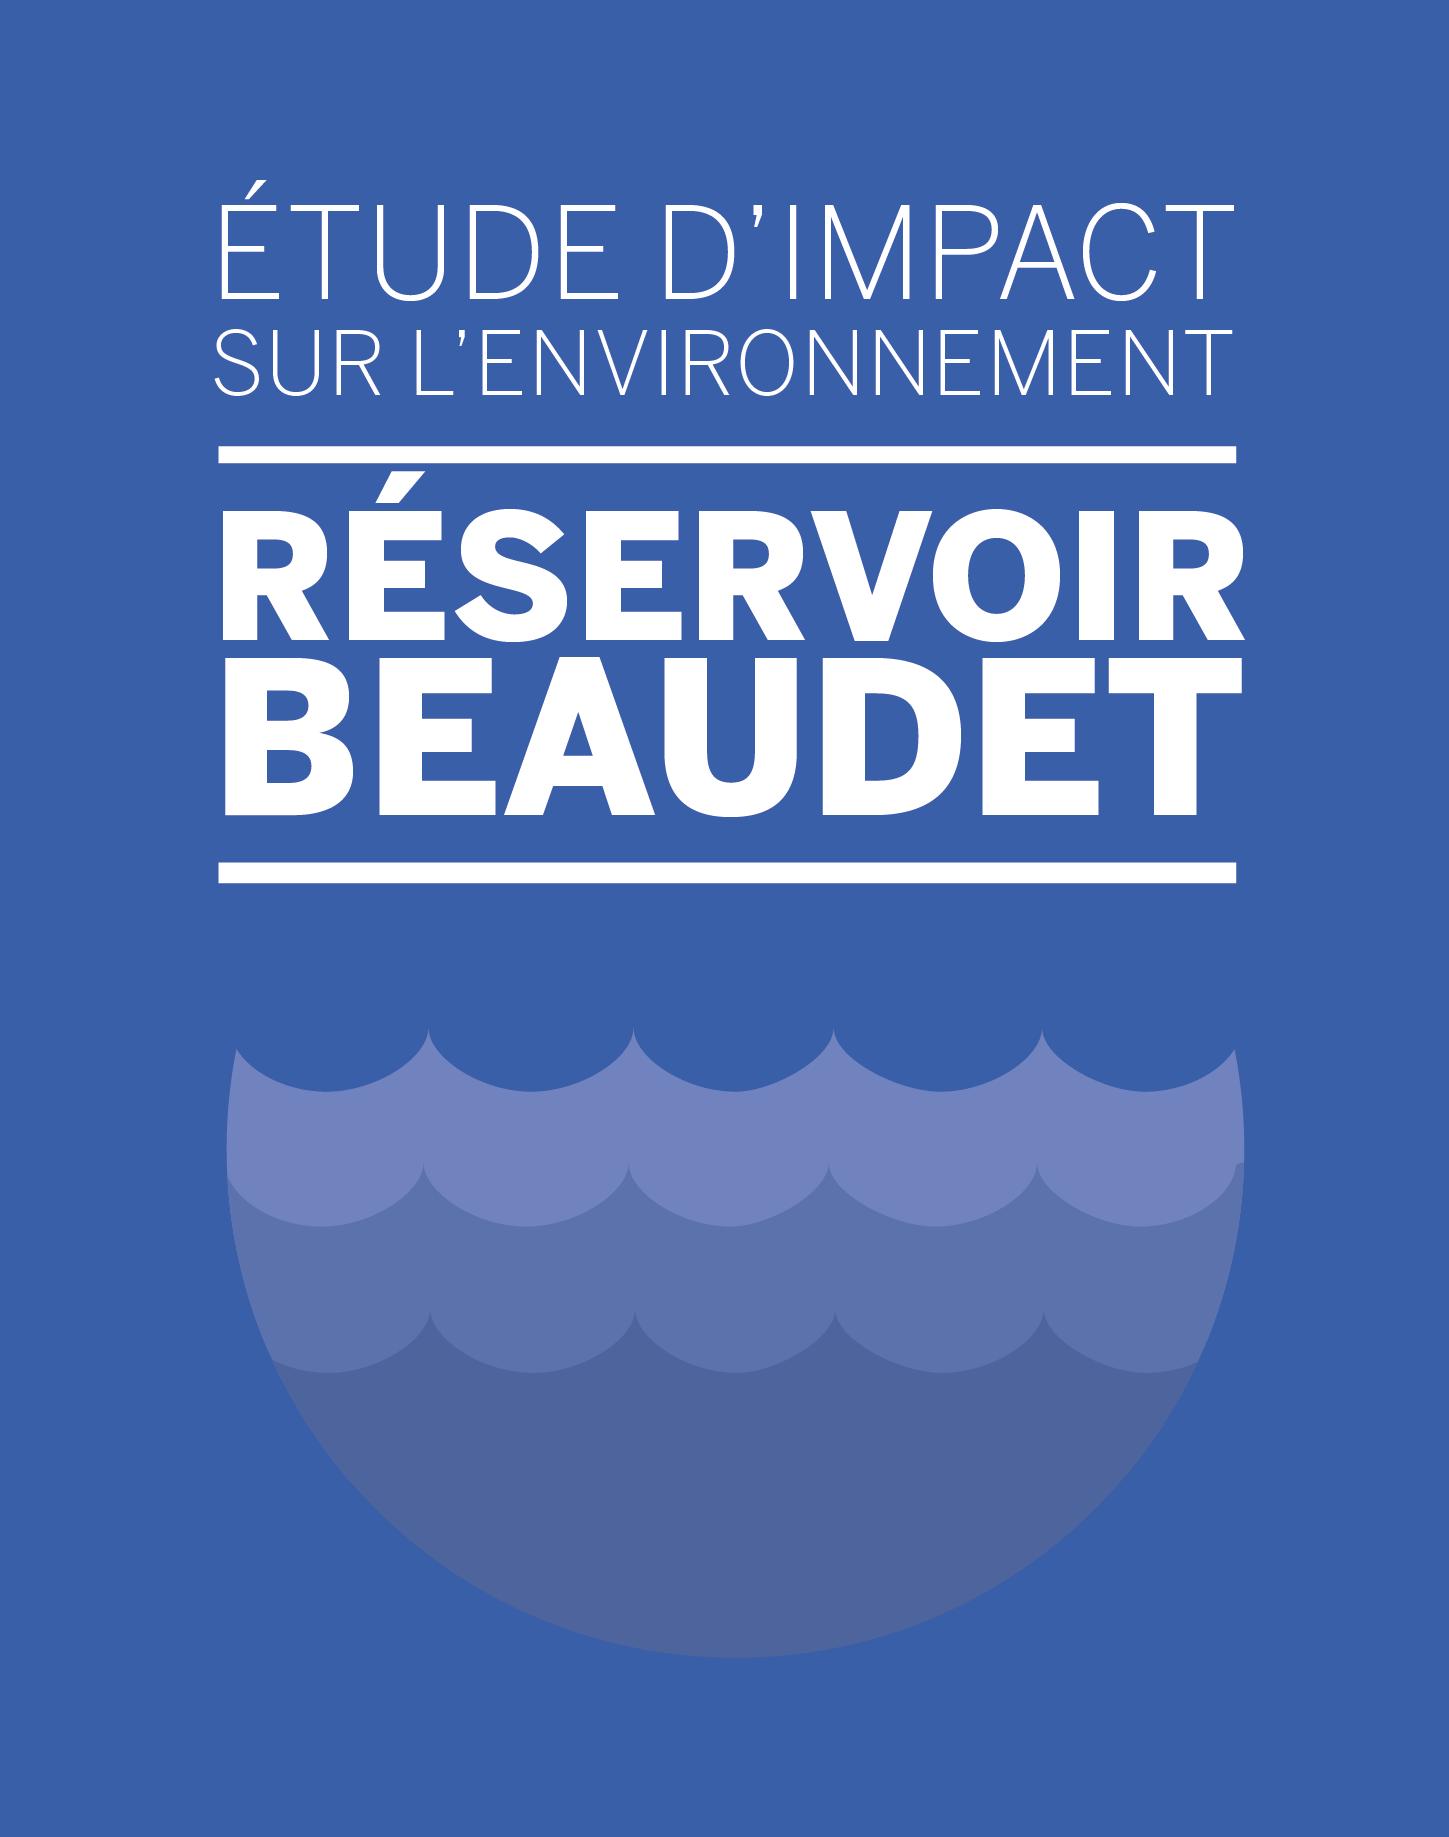 Étude d'impact sur l'environnement en lien avec le projet de restauration du réservoir Beaudet de Victoriaville